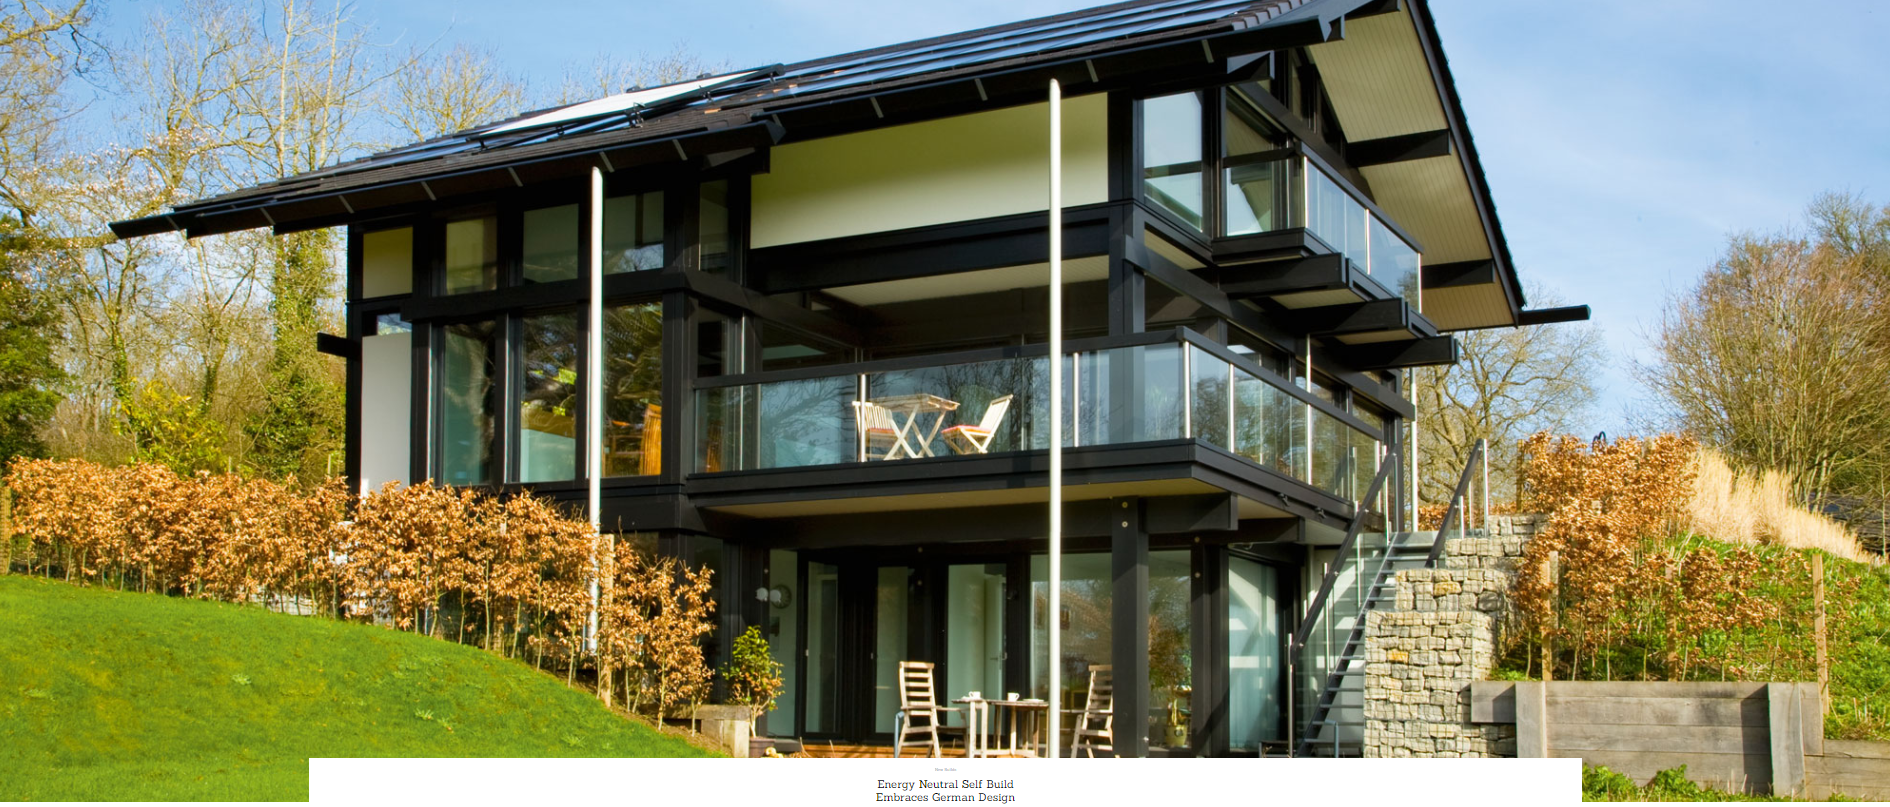 Будинок без комунальних платежів і притулок-капсула: як працюють екодома